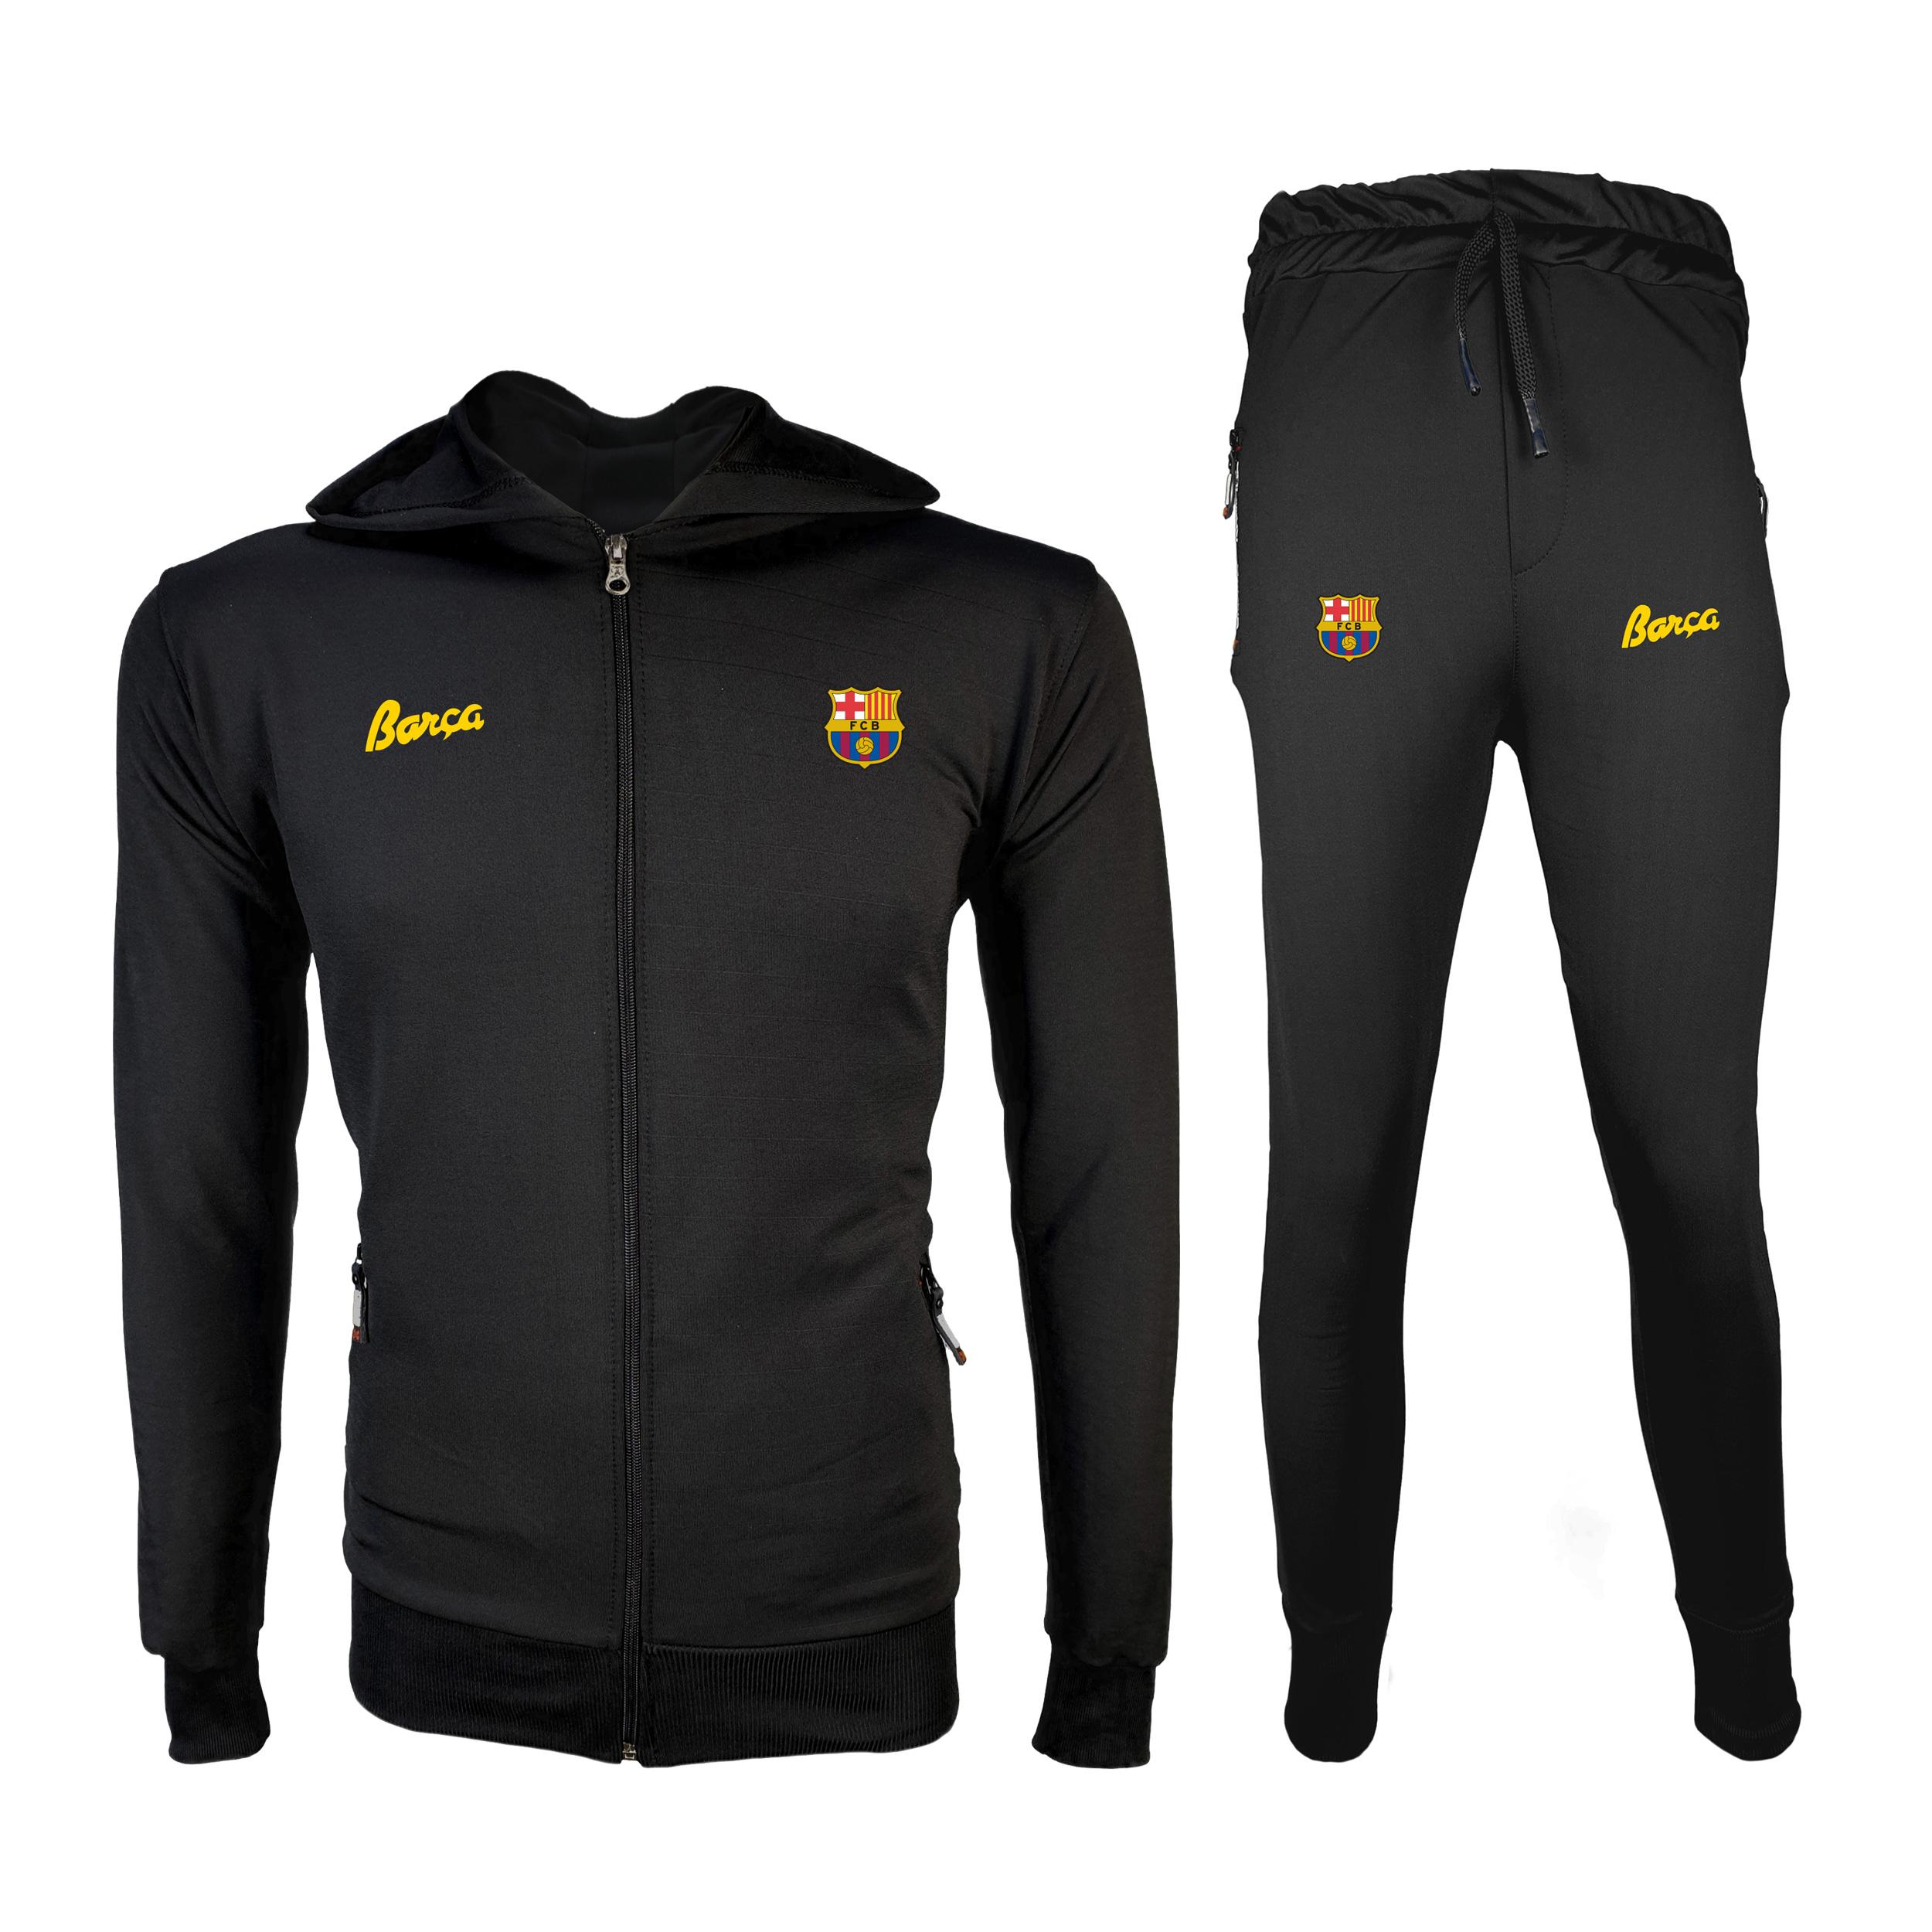 ست سویشرت و شلوار ورزشی مردانه پاتیلوک مدل بارسلونا کد 400132